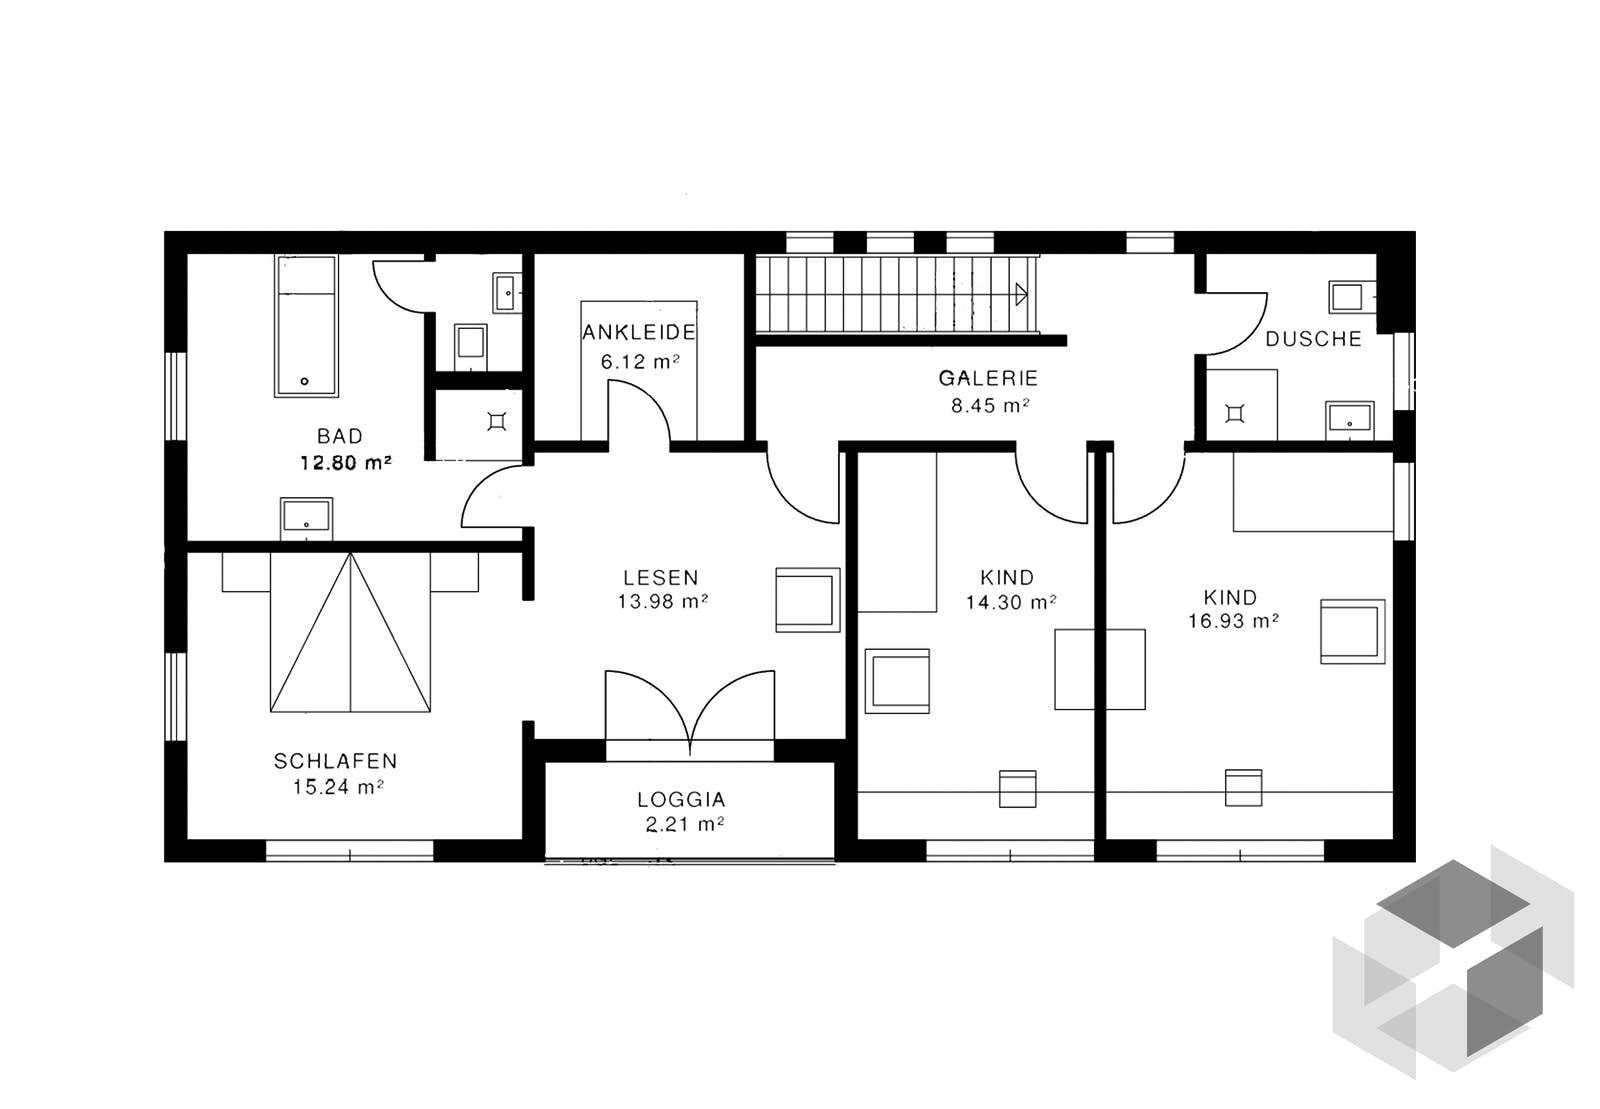 bauhausvilla inactive von haacke haus komplette daten bersicht. Black Bedroom Furniture Sets. Home Design Ideas